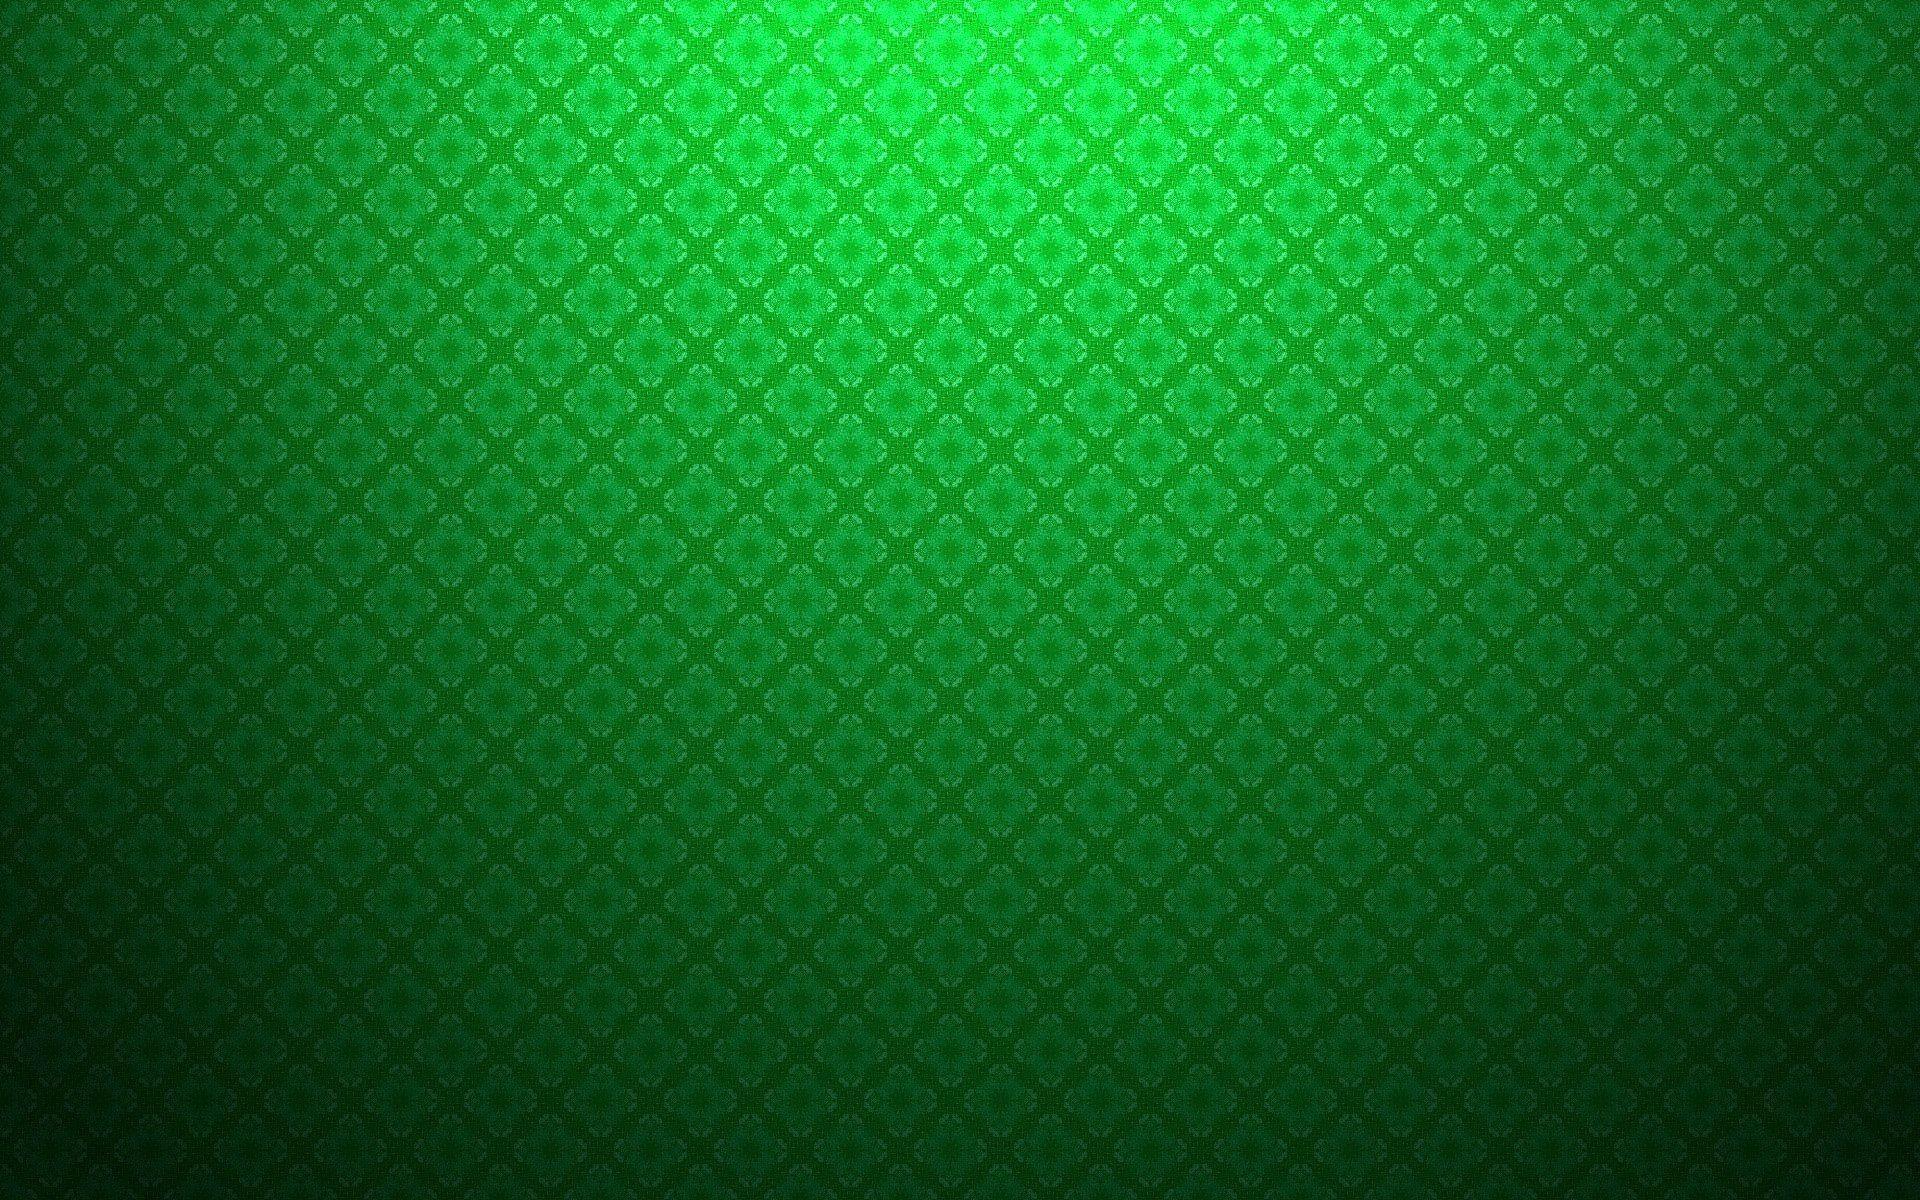 Light green backgrounds wallpaper – Light Green Backgrounds Wallpaper  Leaves Wallpaper Backgrounds 1920×1200